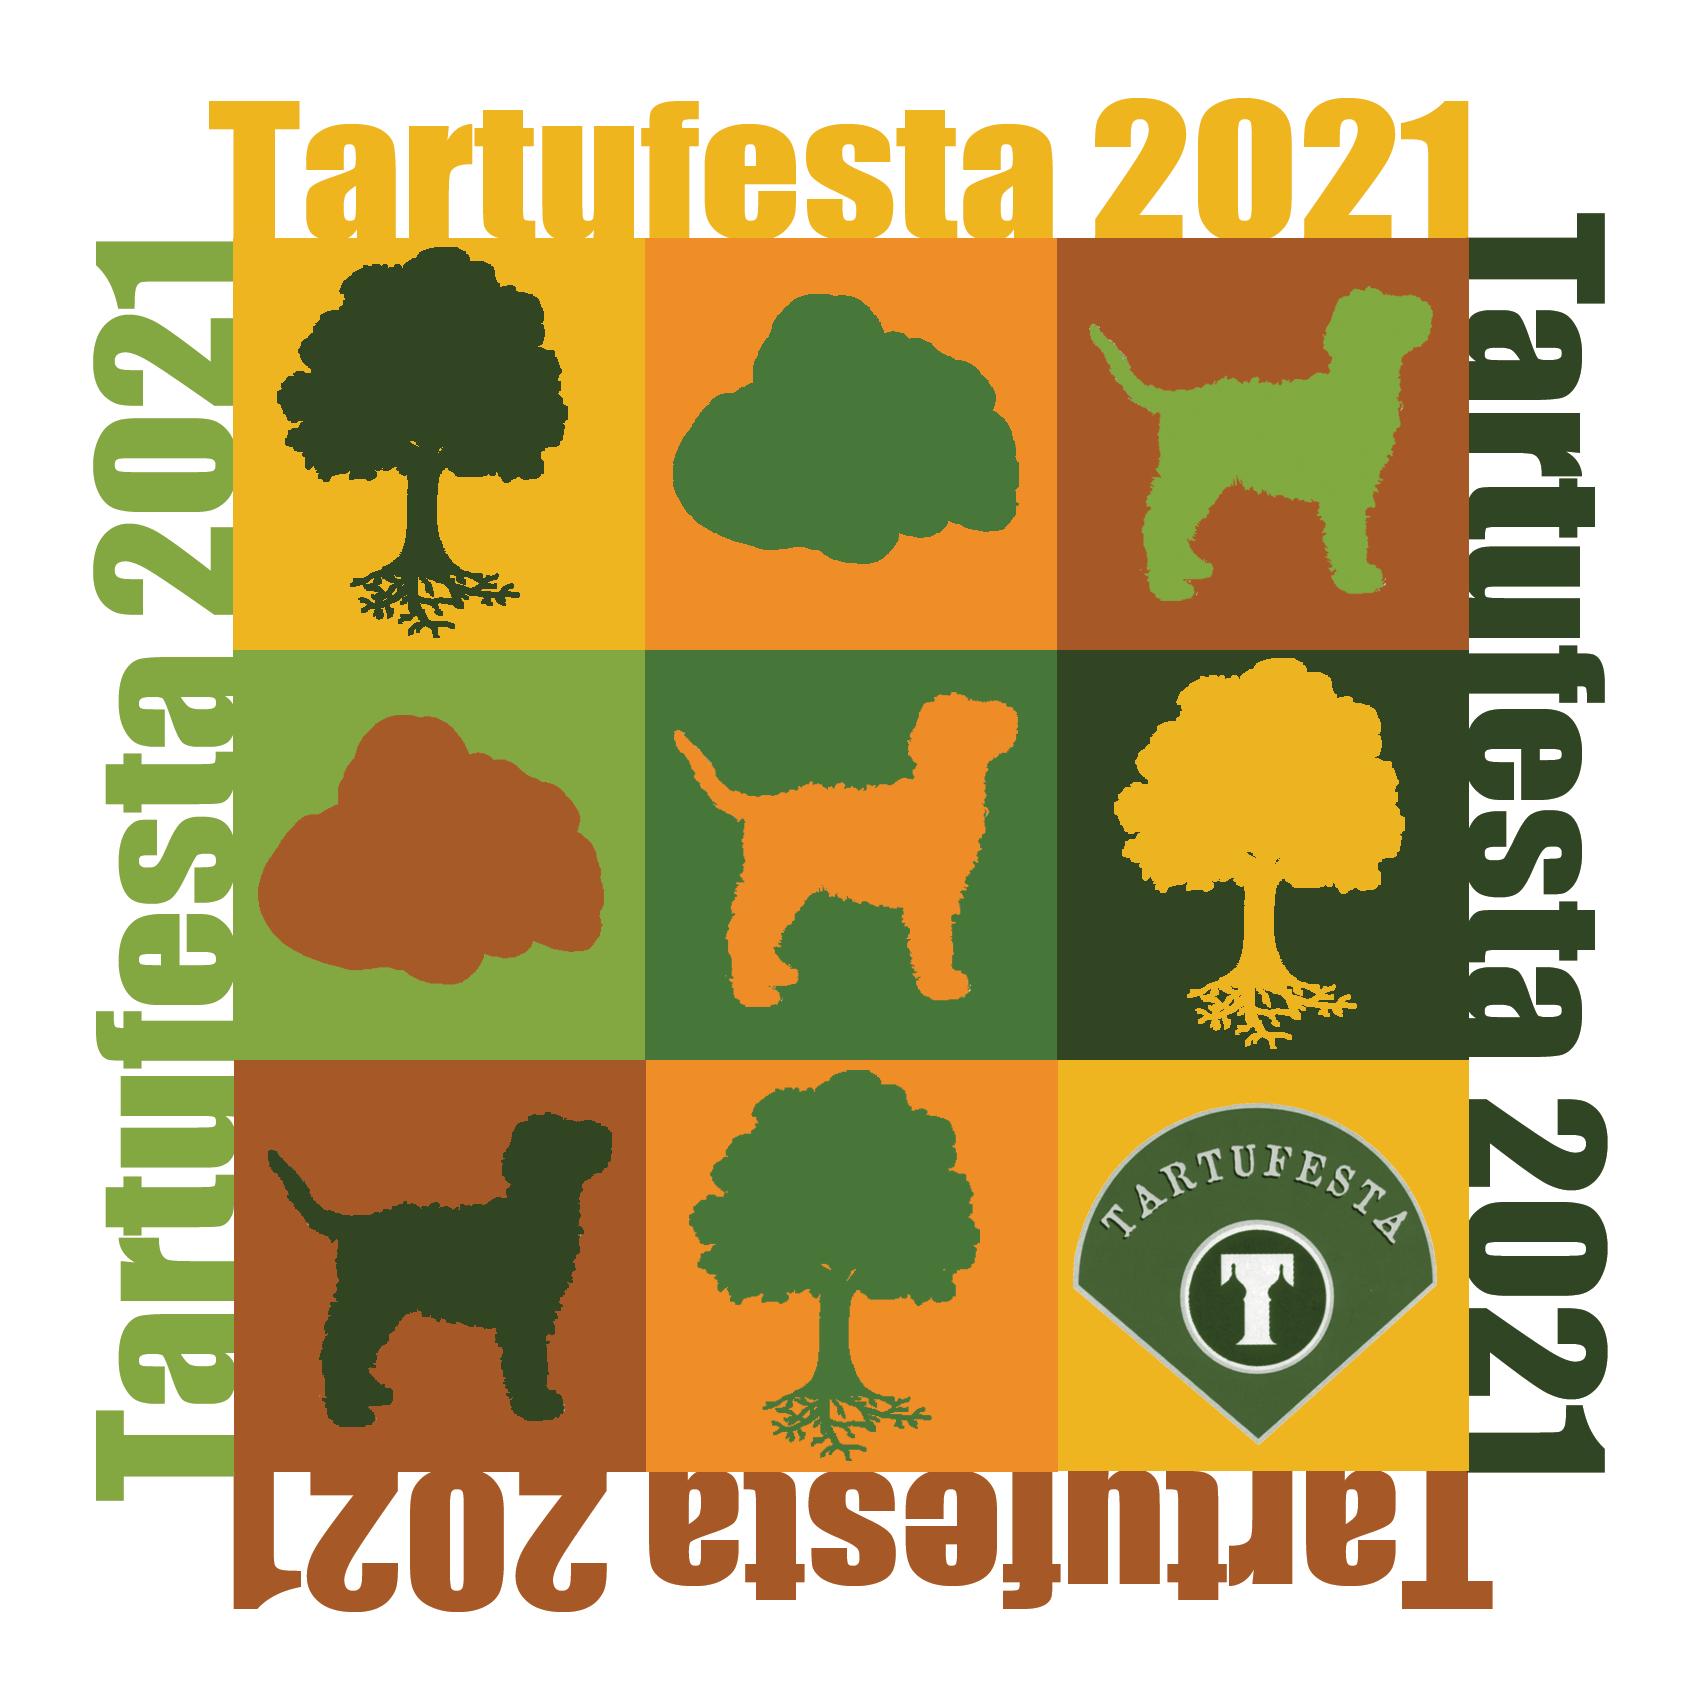 Al via Tartufesta 2021: il 9 e 10 ottobre a Lizzano in Belvedere